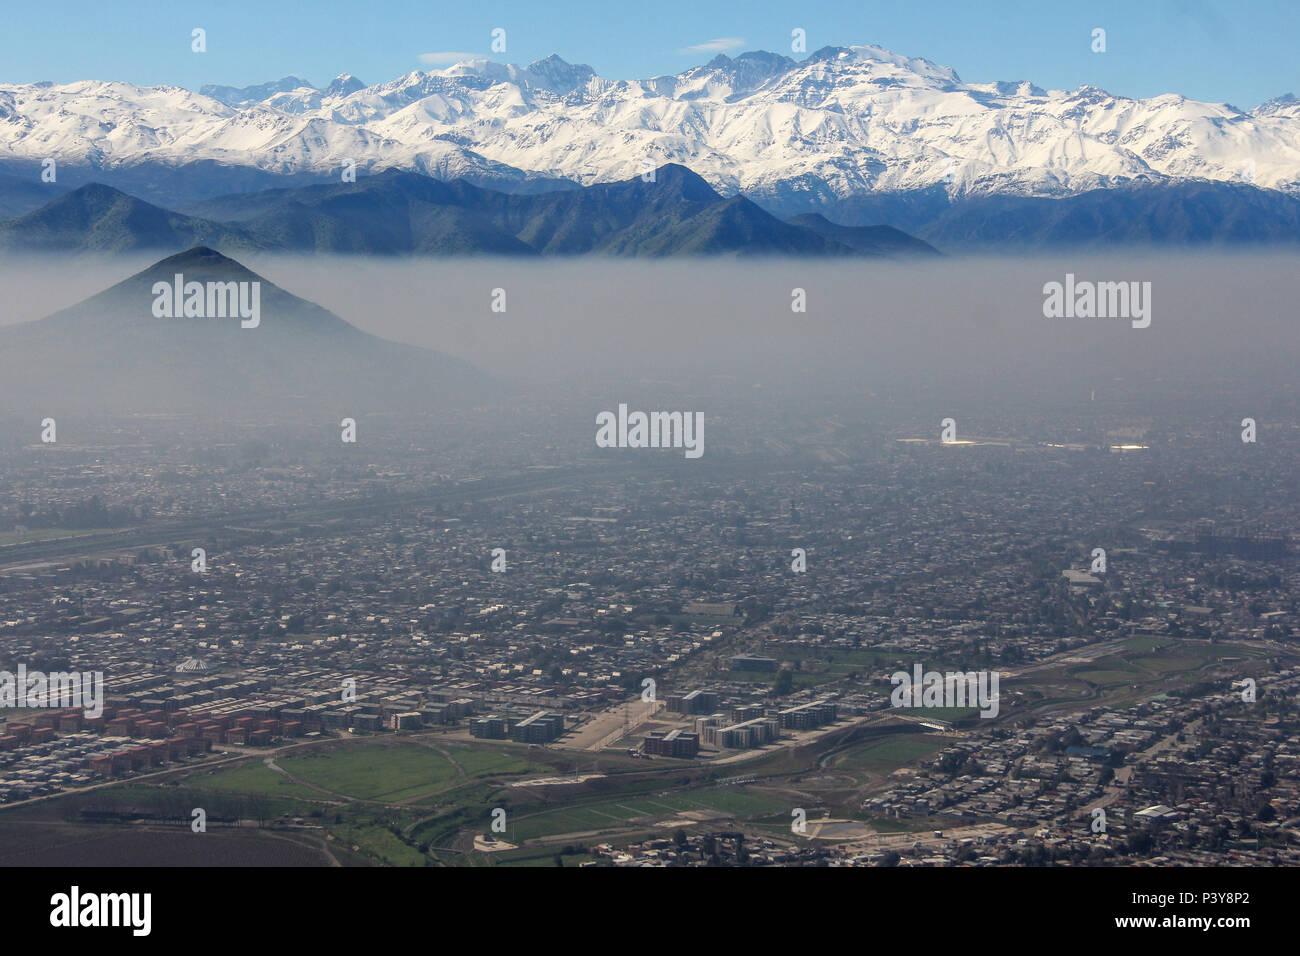 Camada de poluição encobre o céu de Santiago, no Cile, duranti o inverno. Immagini Stock